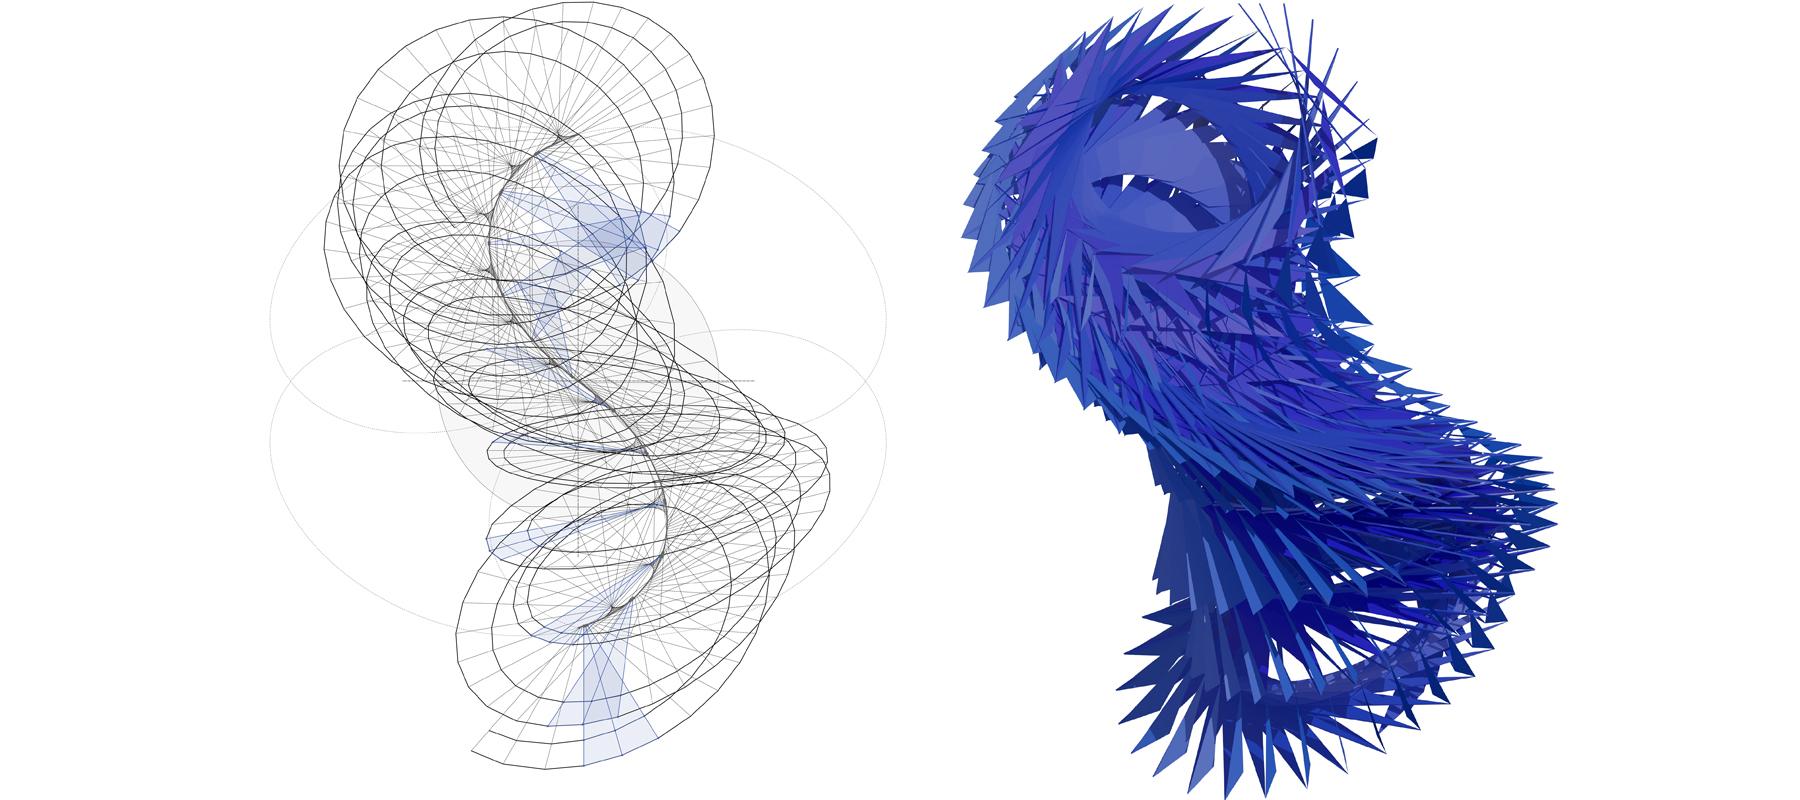 ................ geometry diagram / top view ................